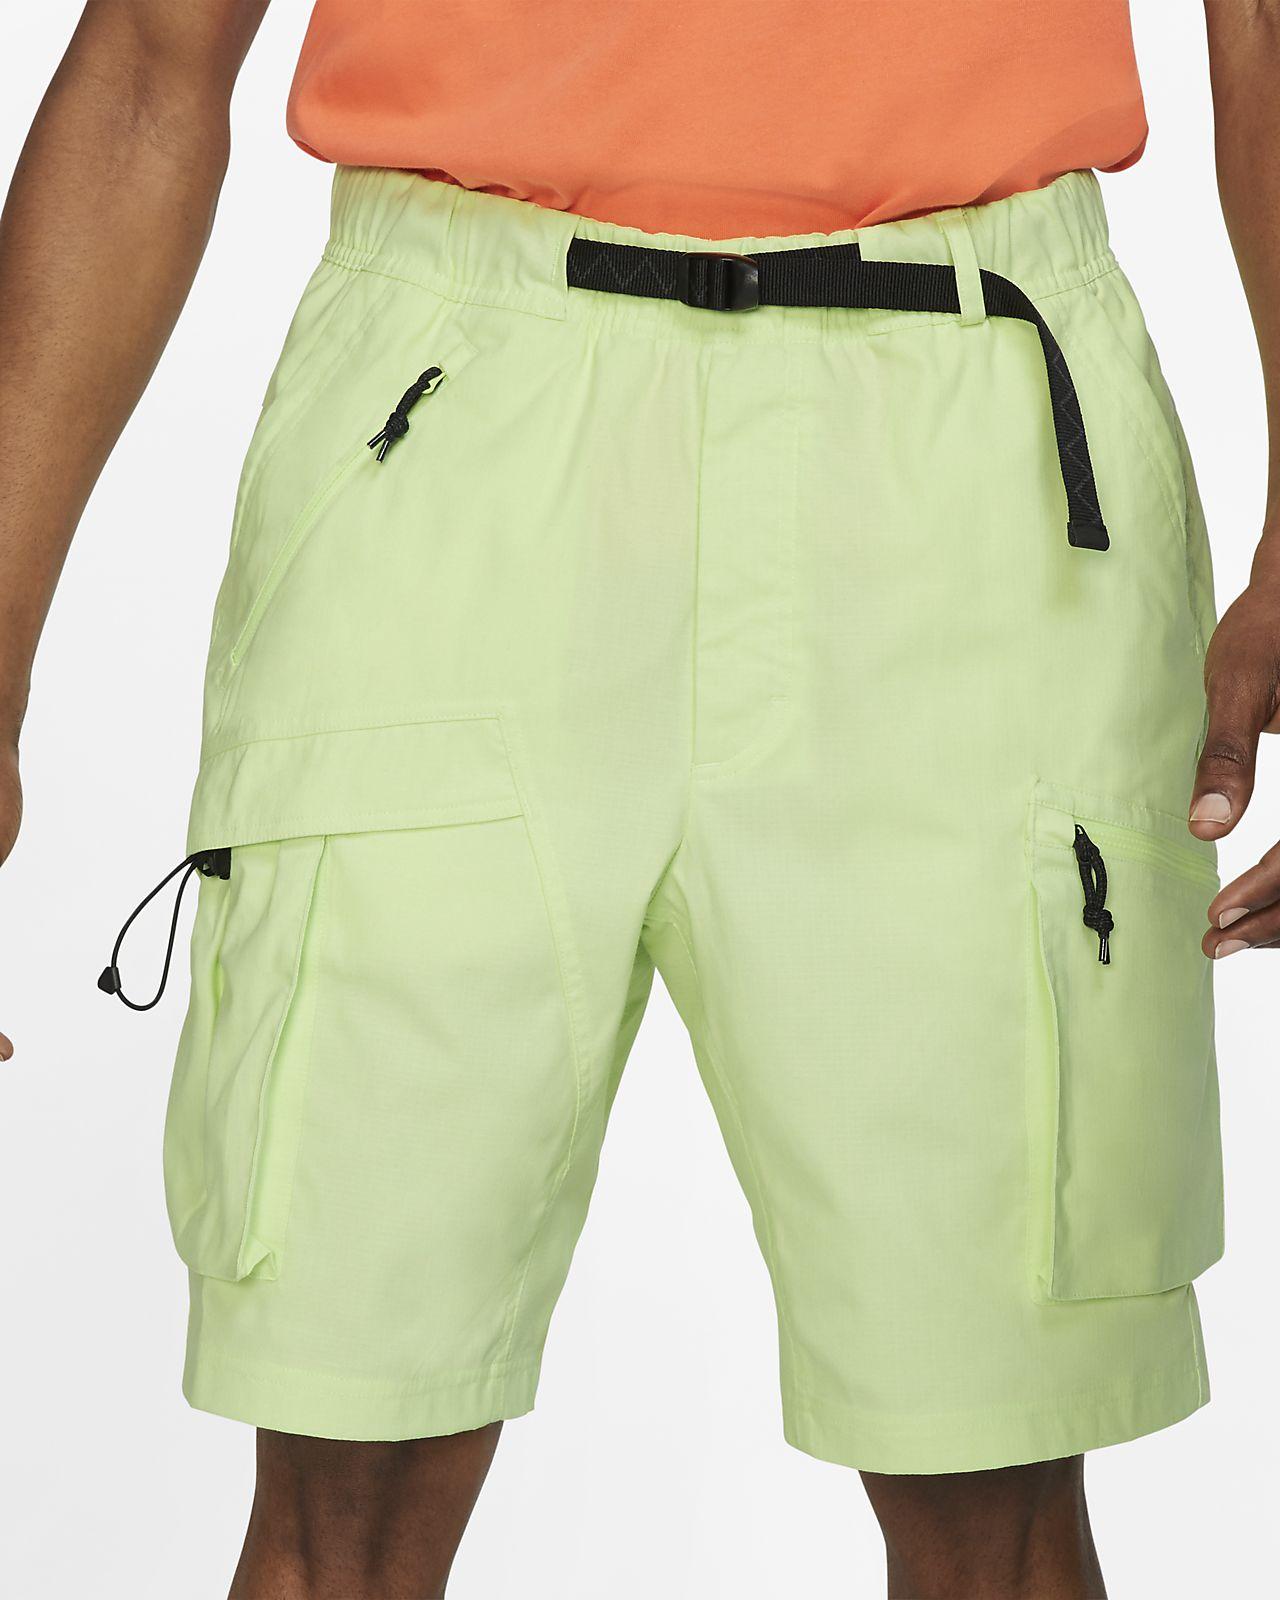 Nike ACG 男子工装短裤